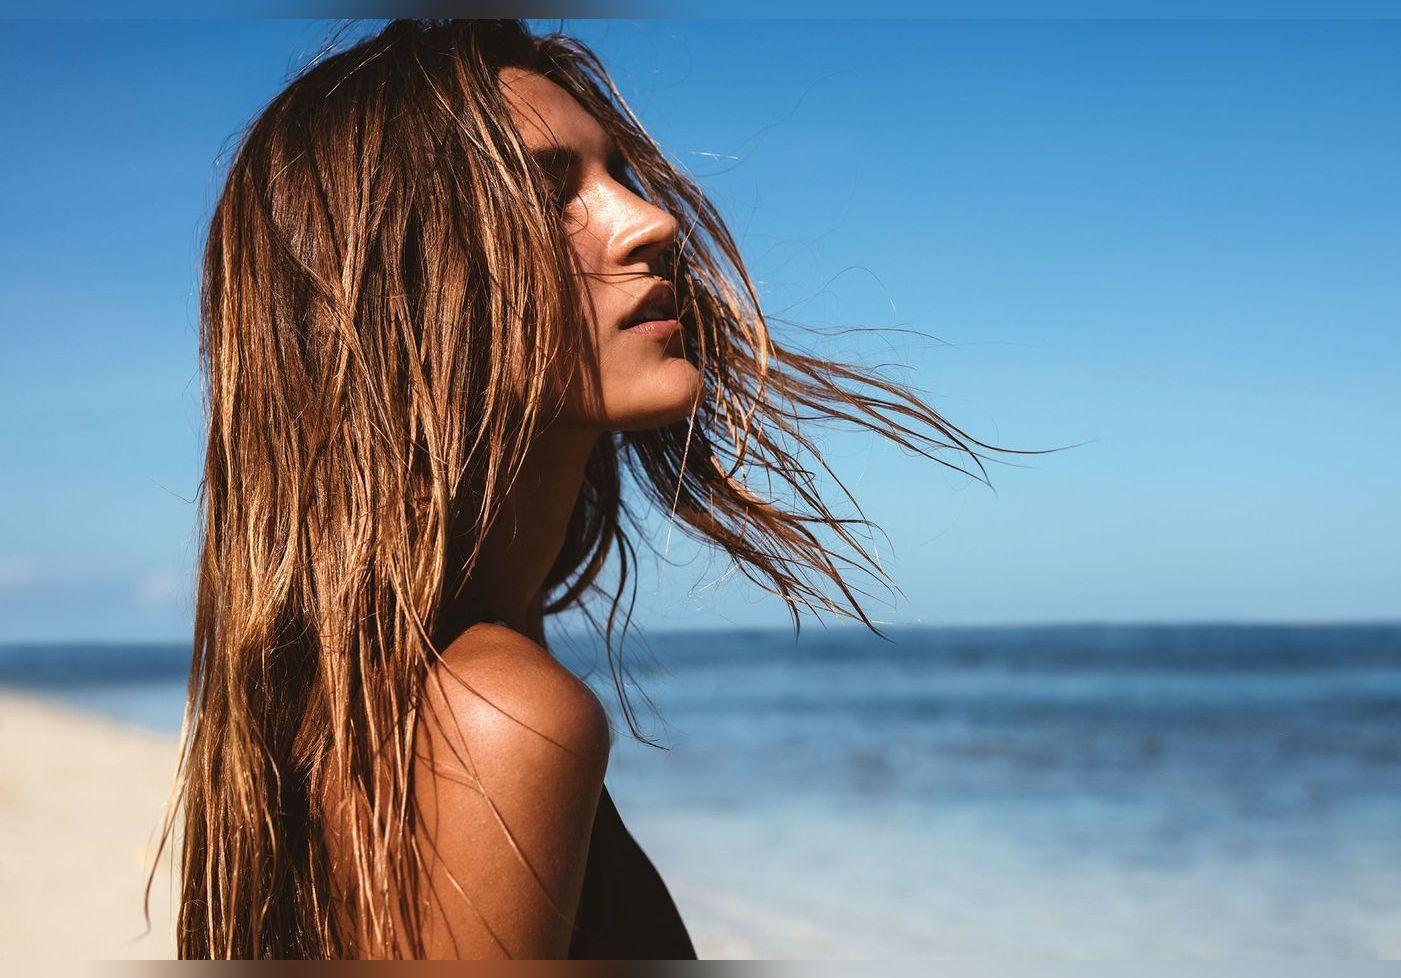 Soin capillaire naturel : mélangez ces 4 ingrédients pour nourrir vos cheveux (et c'est une pharmacienne qui le conseille)